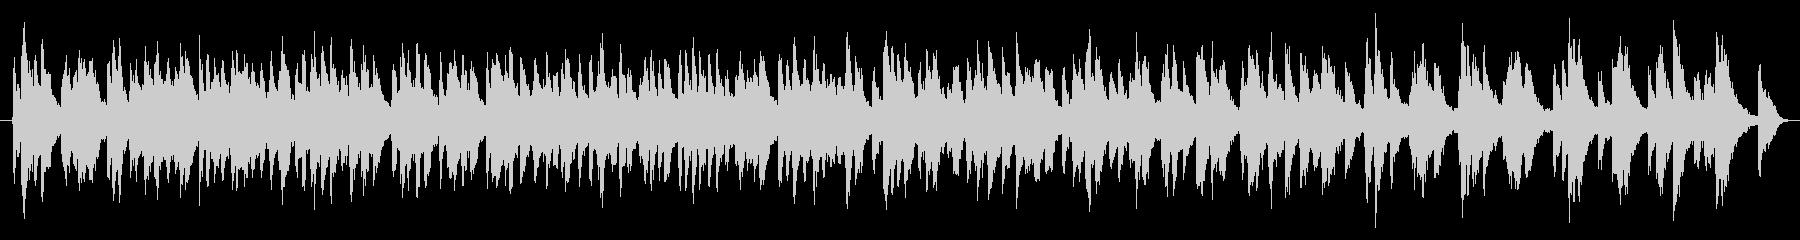 ウォルサム教会:6つの鐘:リンギン...の未再生の波形